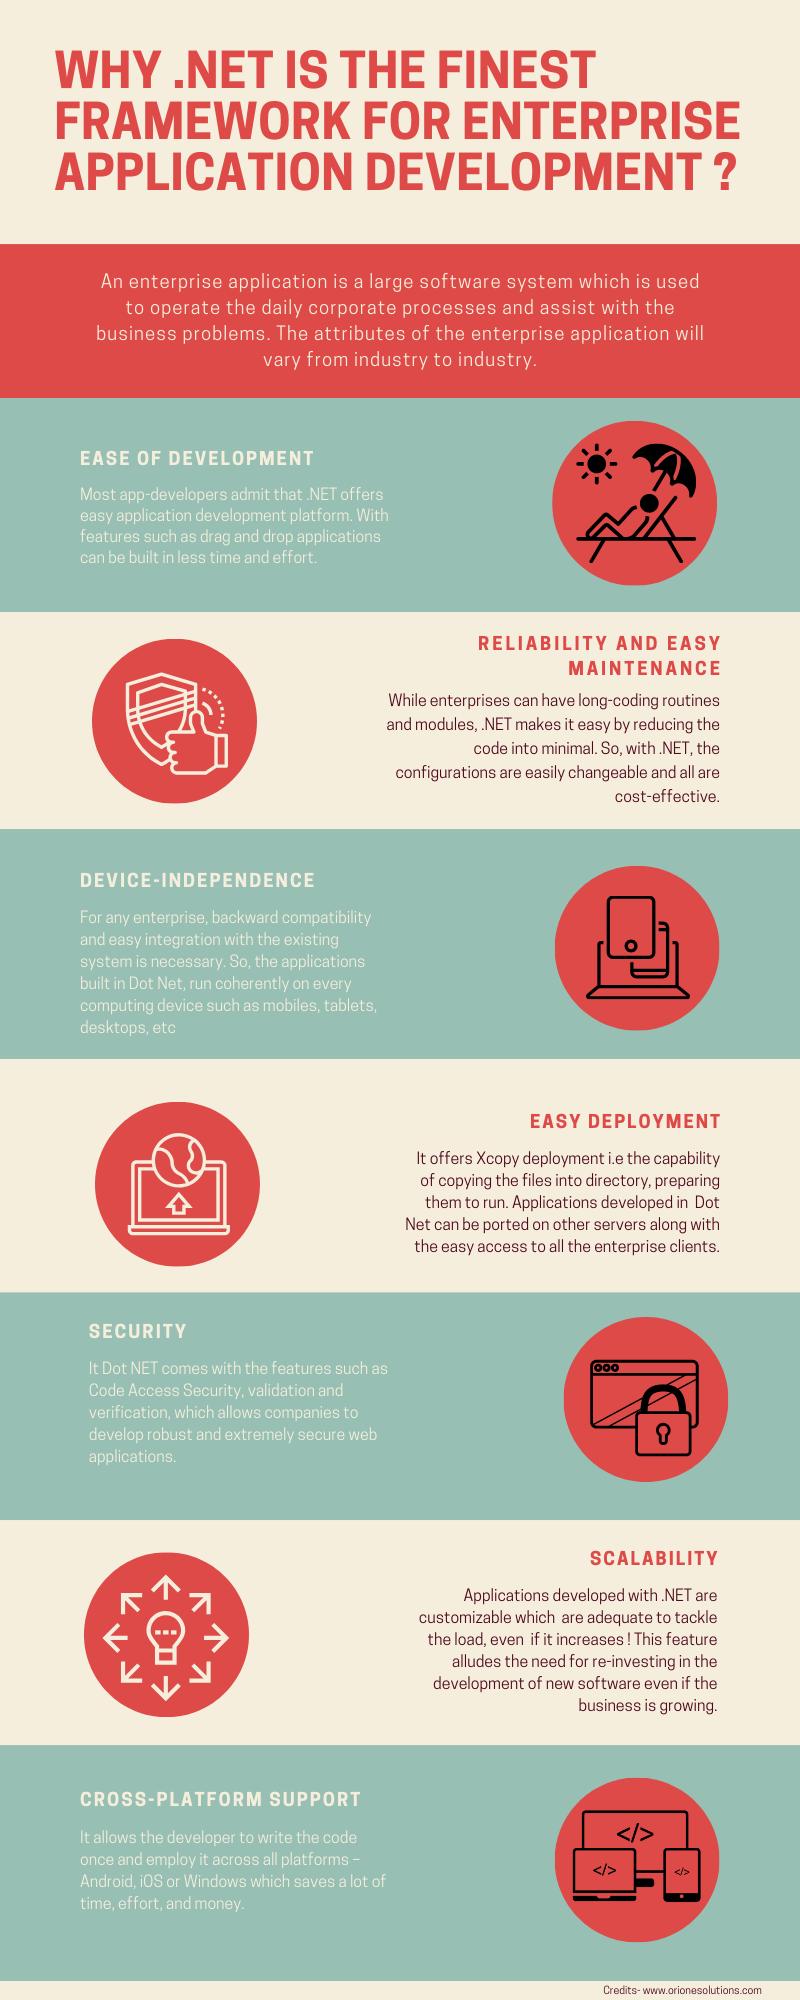 dot net framework for enterprise app development